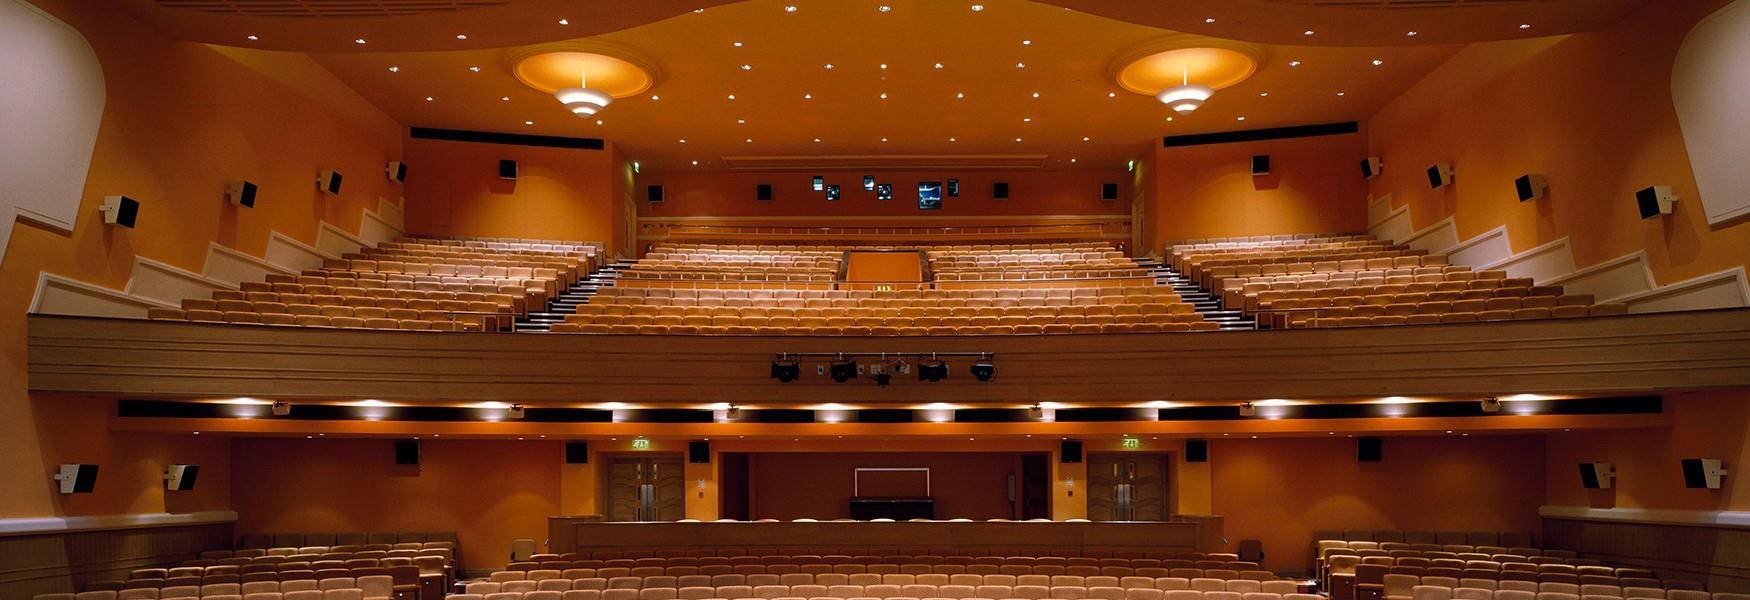 An interior image of the Peterborough New Theatre auditorium.